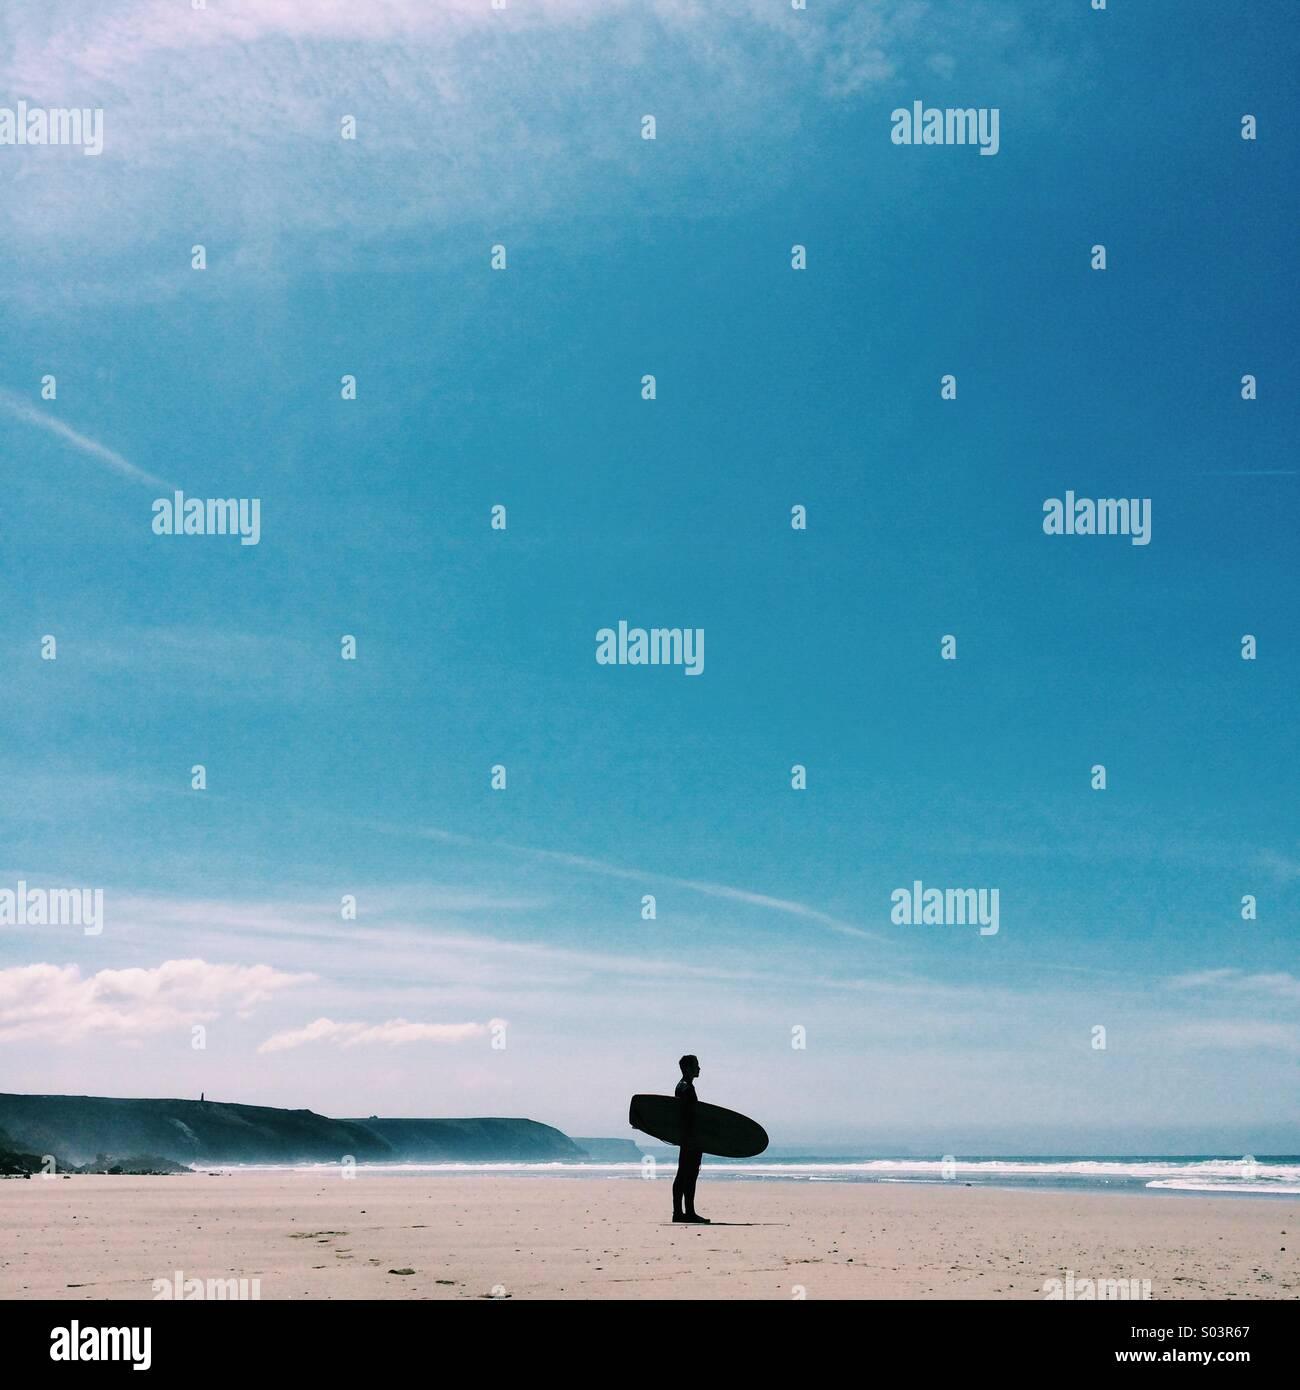 Surfer checking out onde, con un incredibile cielo blu chiaro in estate. Immagini Stock